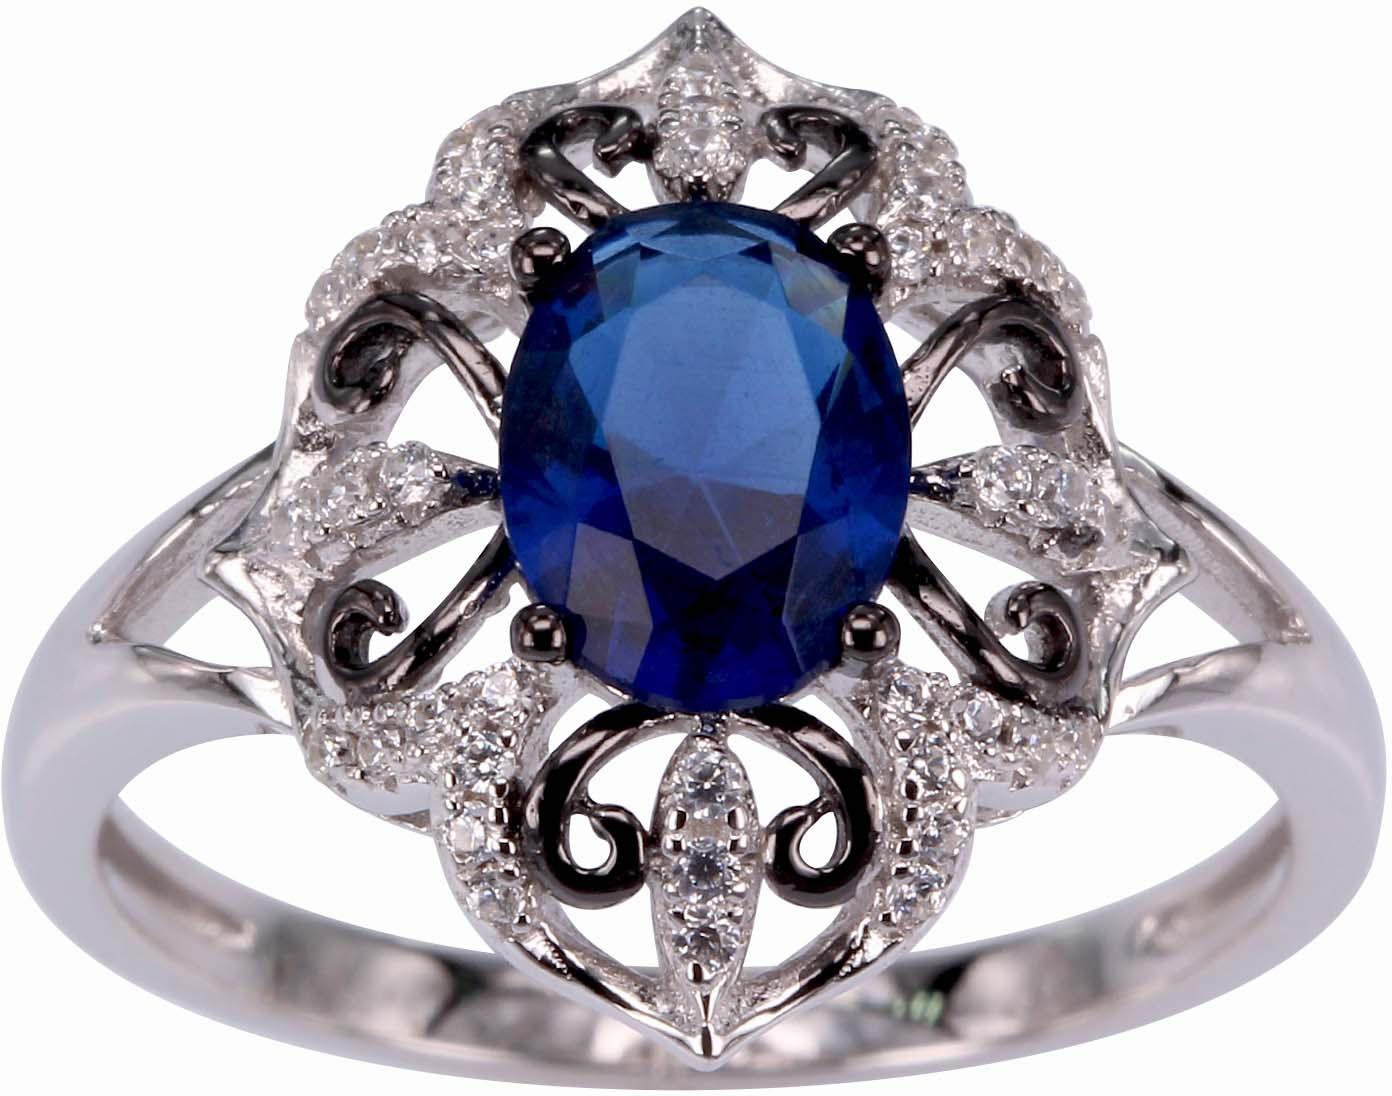 Кольцо Акцент Бриллиант, серебро 925, фианит, 19, ЦБ000003859СереброКольцо из серебра с синим и белыми фианитами. С частичным покрытием черным родием. • Не замеряйте замерзшие пальцы, в этот момент их размер отличается от обычного. Для точного определения размера, замеряйте ваш палец в конце дня, когда его размер является наибольшим. • Определите, размер какого пальца вам необходимо узнать. Помолвочные и обручальные кольца принято носить на безымянном пальце правой руки. • Если вам подходят два размера, стоит выбрать больший. • Если сустав шире самого пальца – измеряйте диаметр сустава. • Если вы хотите приобрести кольцо с ободком шире 4 мм, его размер должен быть примерно на полразмера больше обычного.